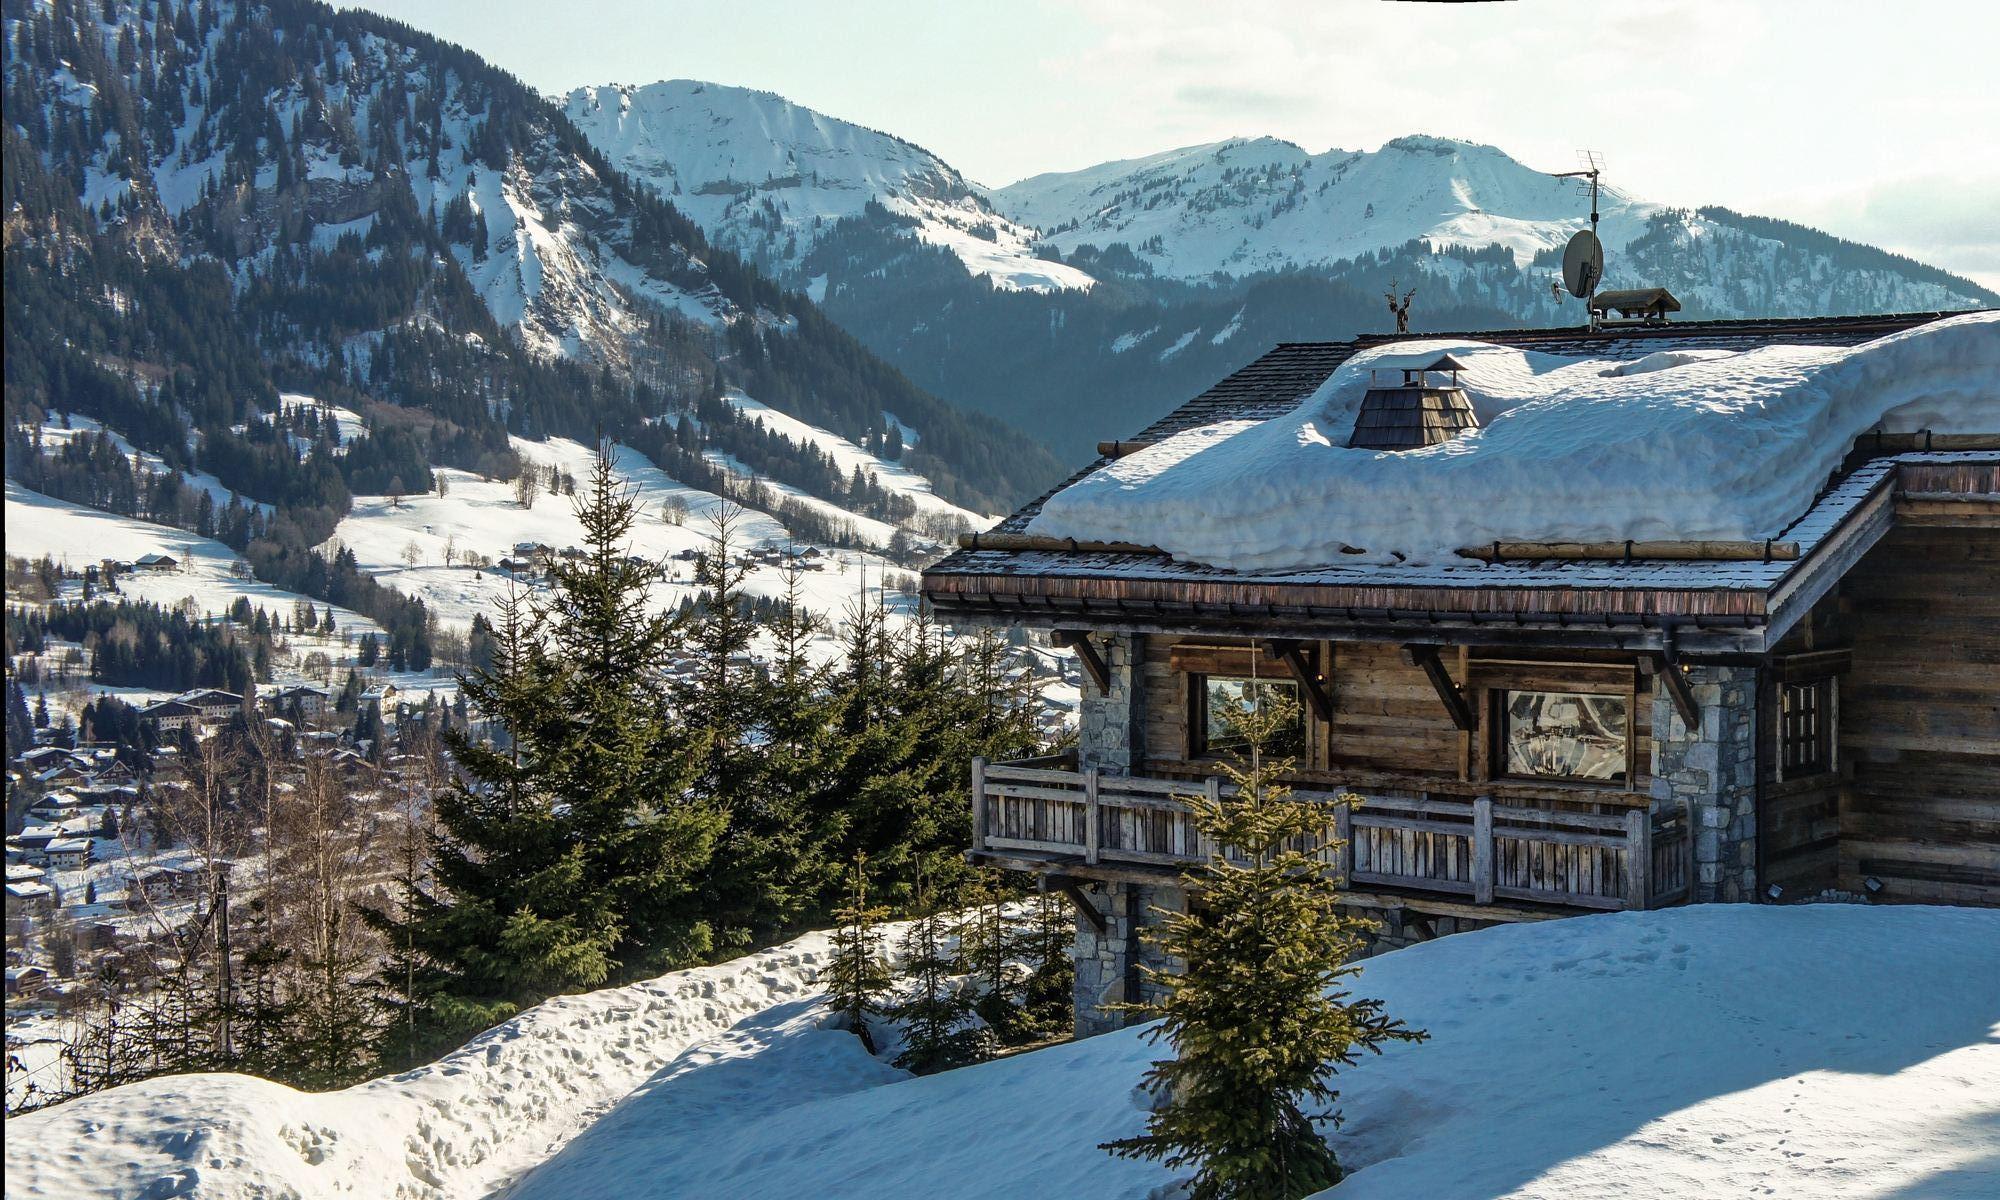 Property For Sale at Jaillet Megève Chalet Come